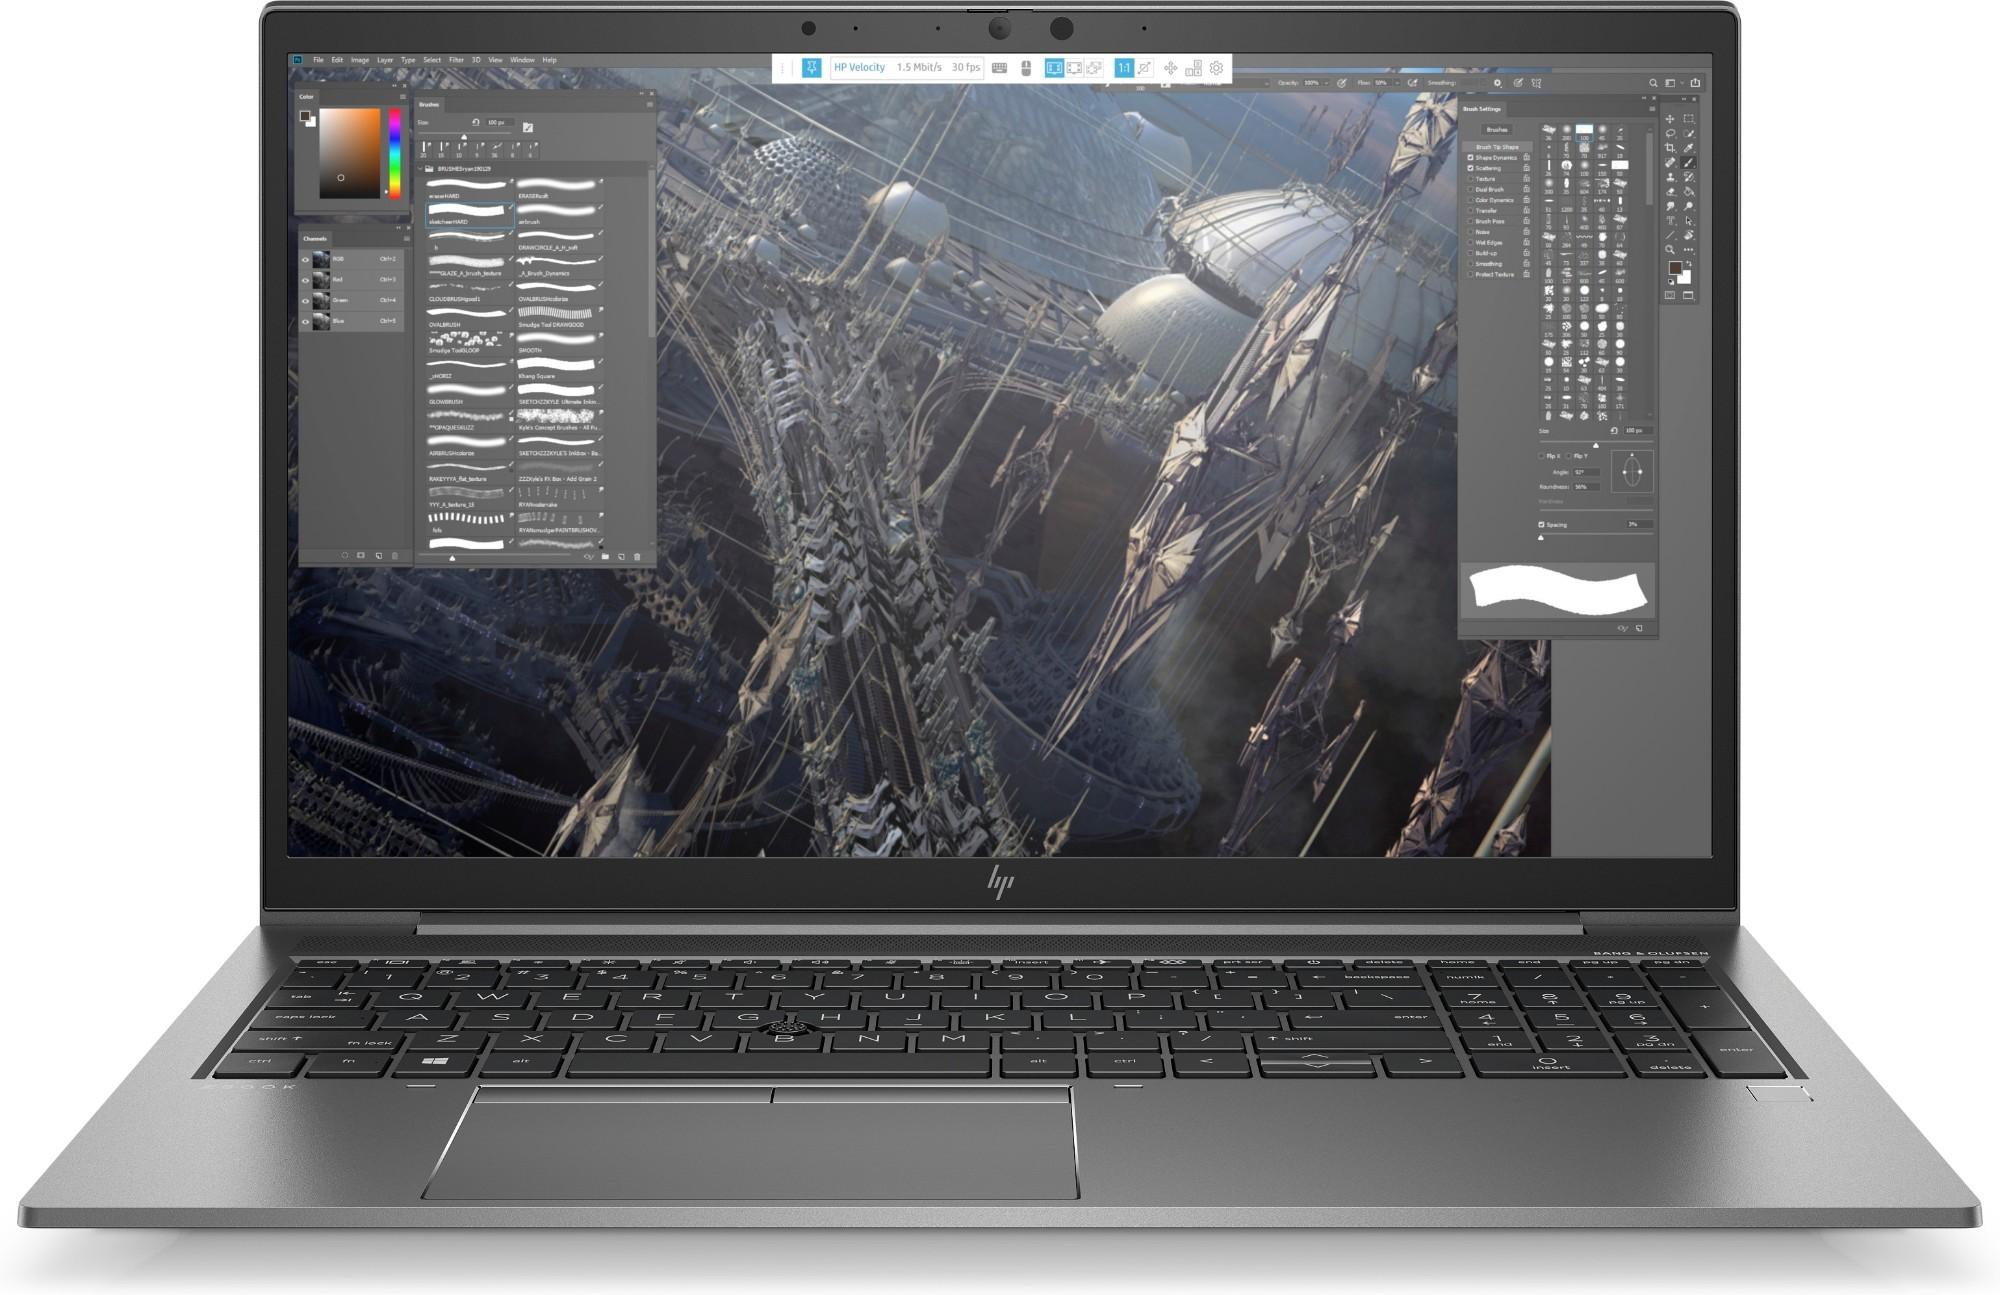 """HP ZBook 15 G7 Estación de trabajo móvil Gris 39,6 cm (15.6"""") 1920 x 1080 Pixeles Pantalla táctil Intel® Core™ i7 de 10ma Generación 16 GB DDR4-SDRAM 512 GB SSD NVIDIA Quadro P520 Wi-Fi 6 (802.11ax) Windows 10 Pro"""